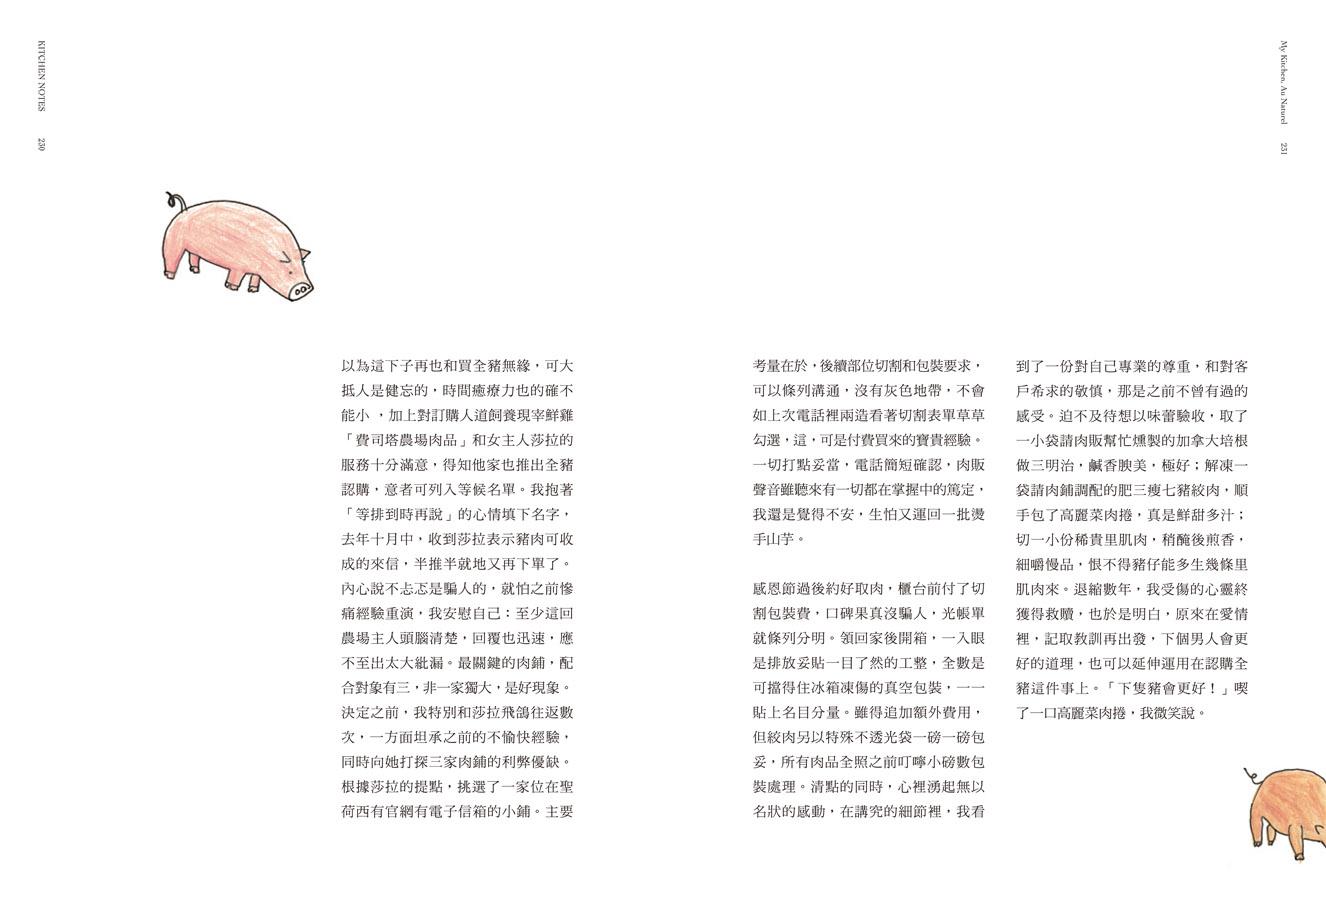 http://im2.book.com.tw/image/getImage?i=http://www.books.com.tw/img/001/067/61/0010676128_b_11.jpg&v=5563161f&w=655&h=609